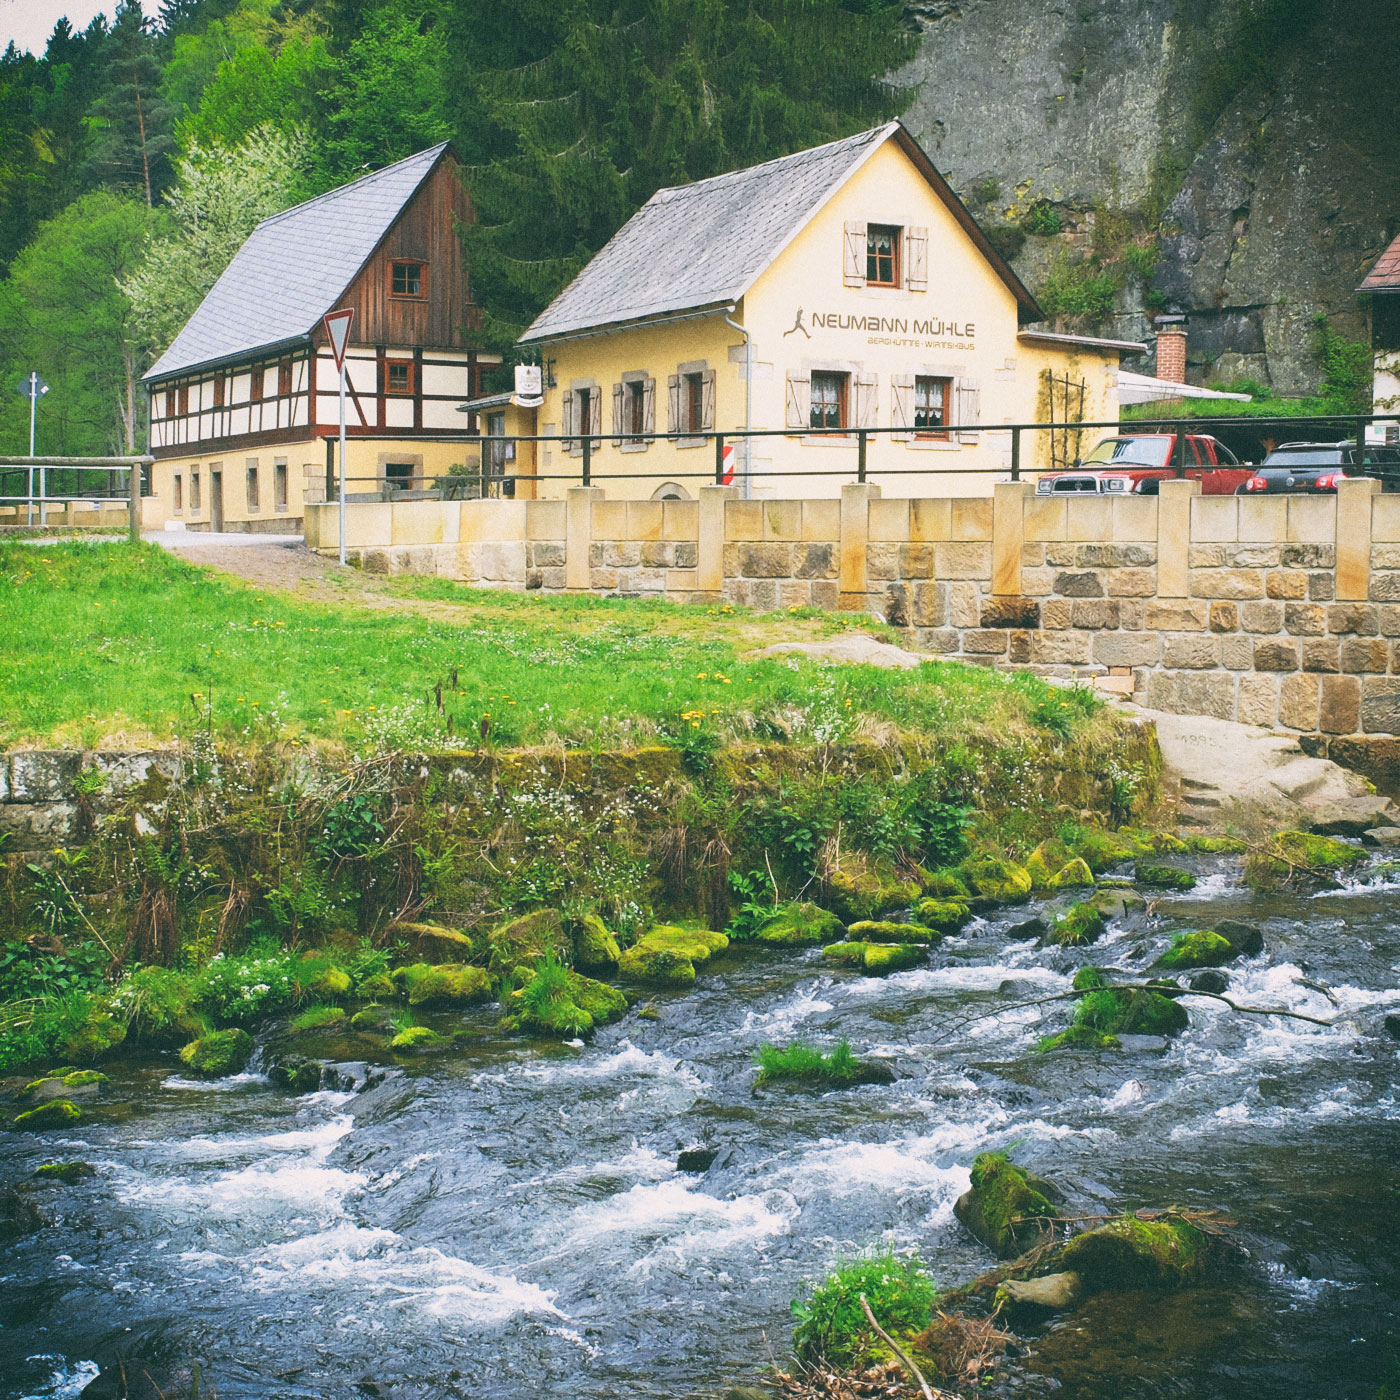 An der Neumannmühle